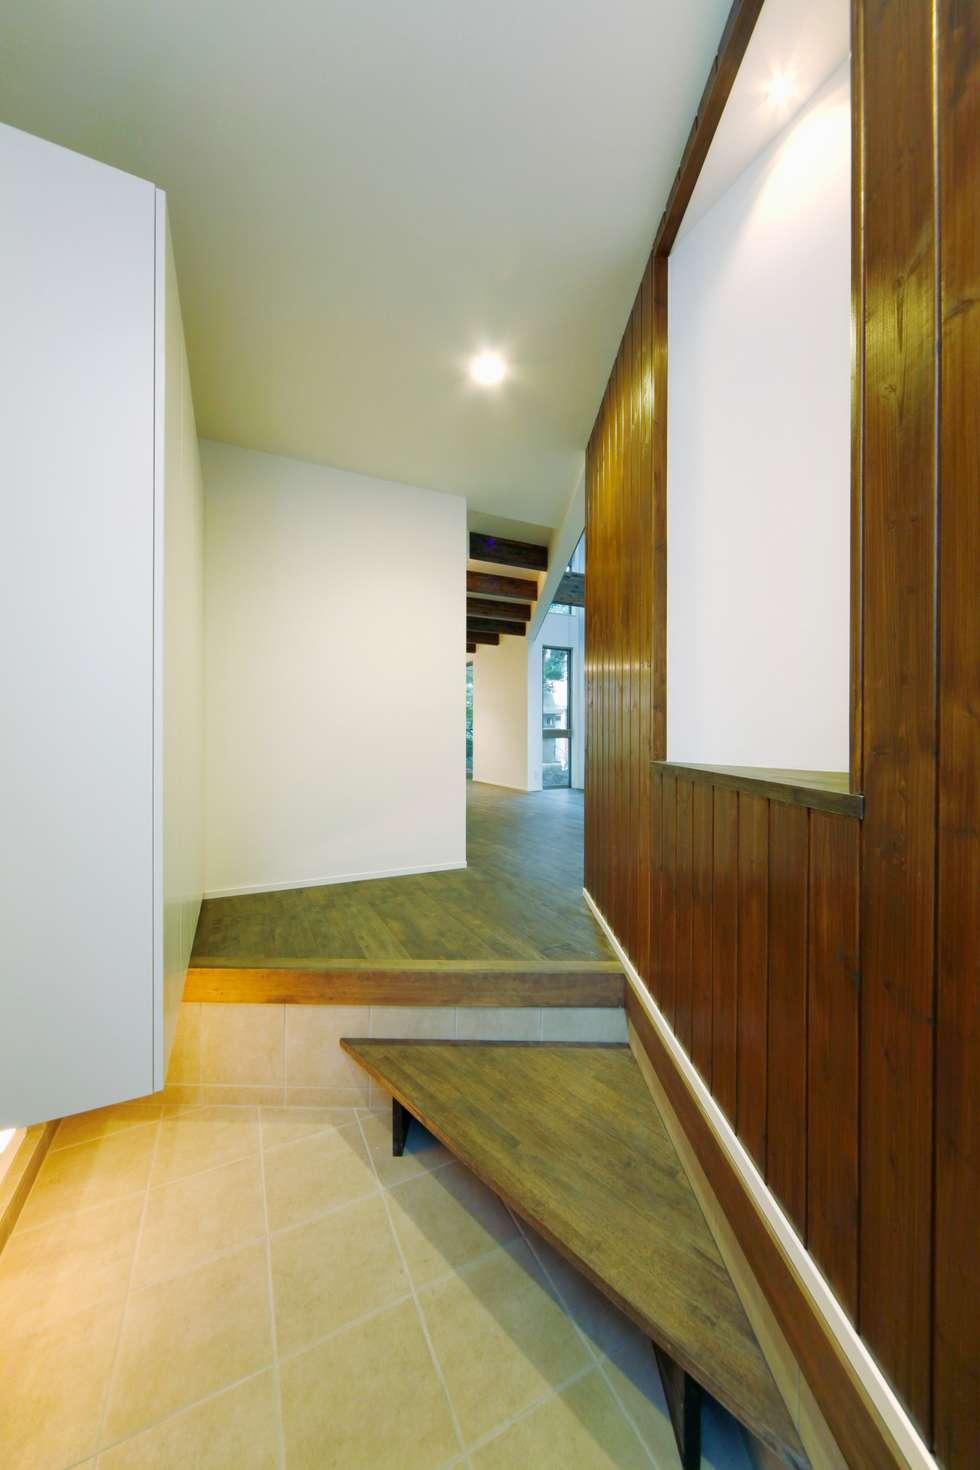 逆遠近法の家: 前田敦計画工房が手掛けたウォークインクローゼットです。